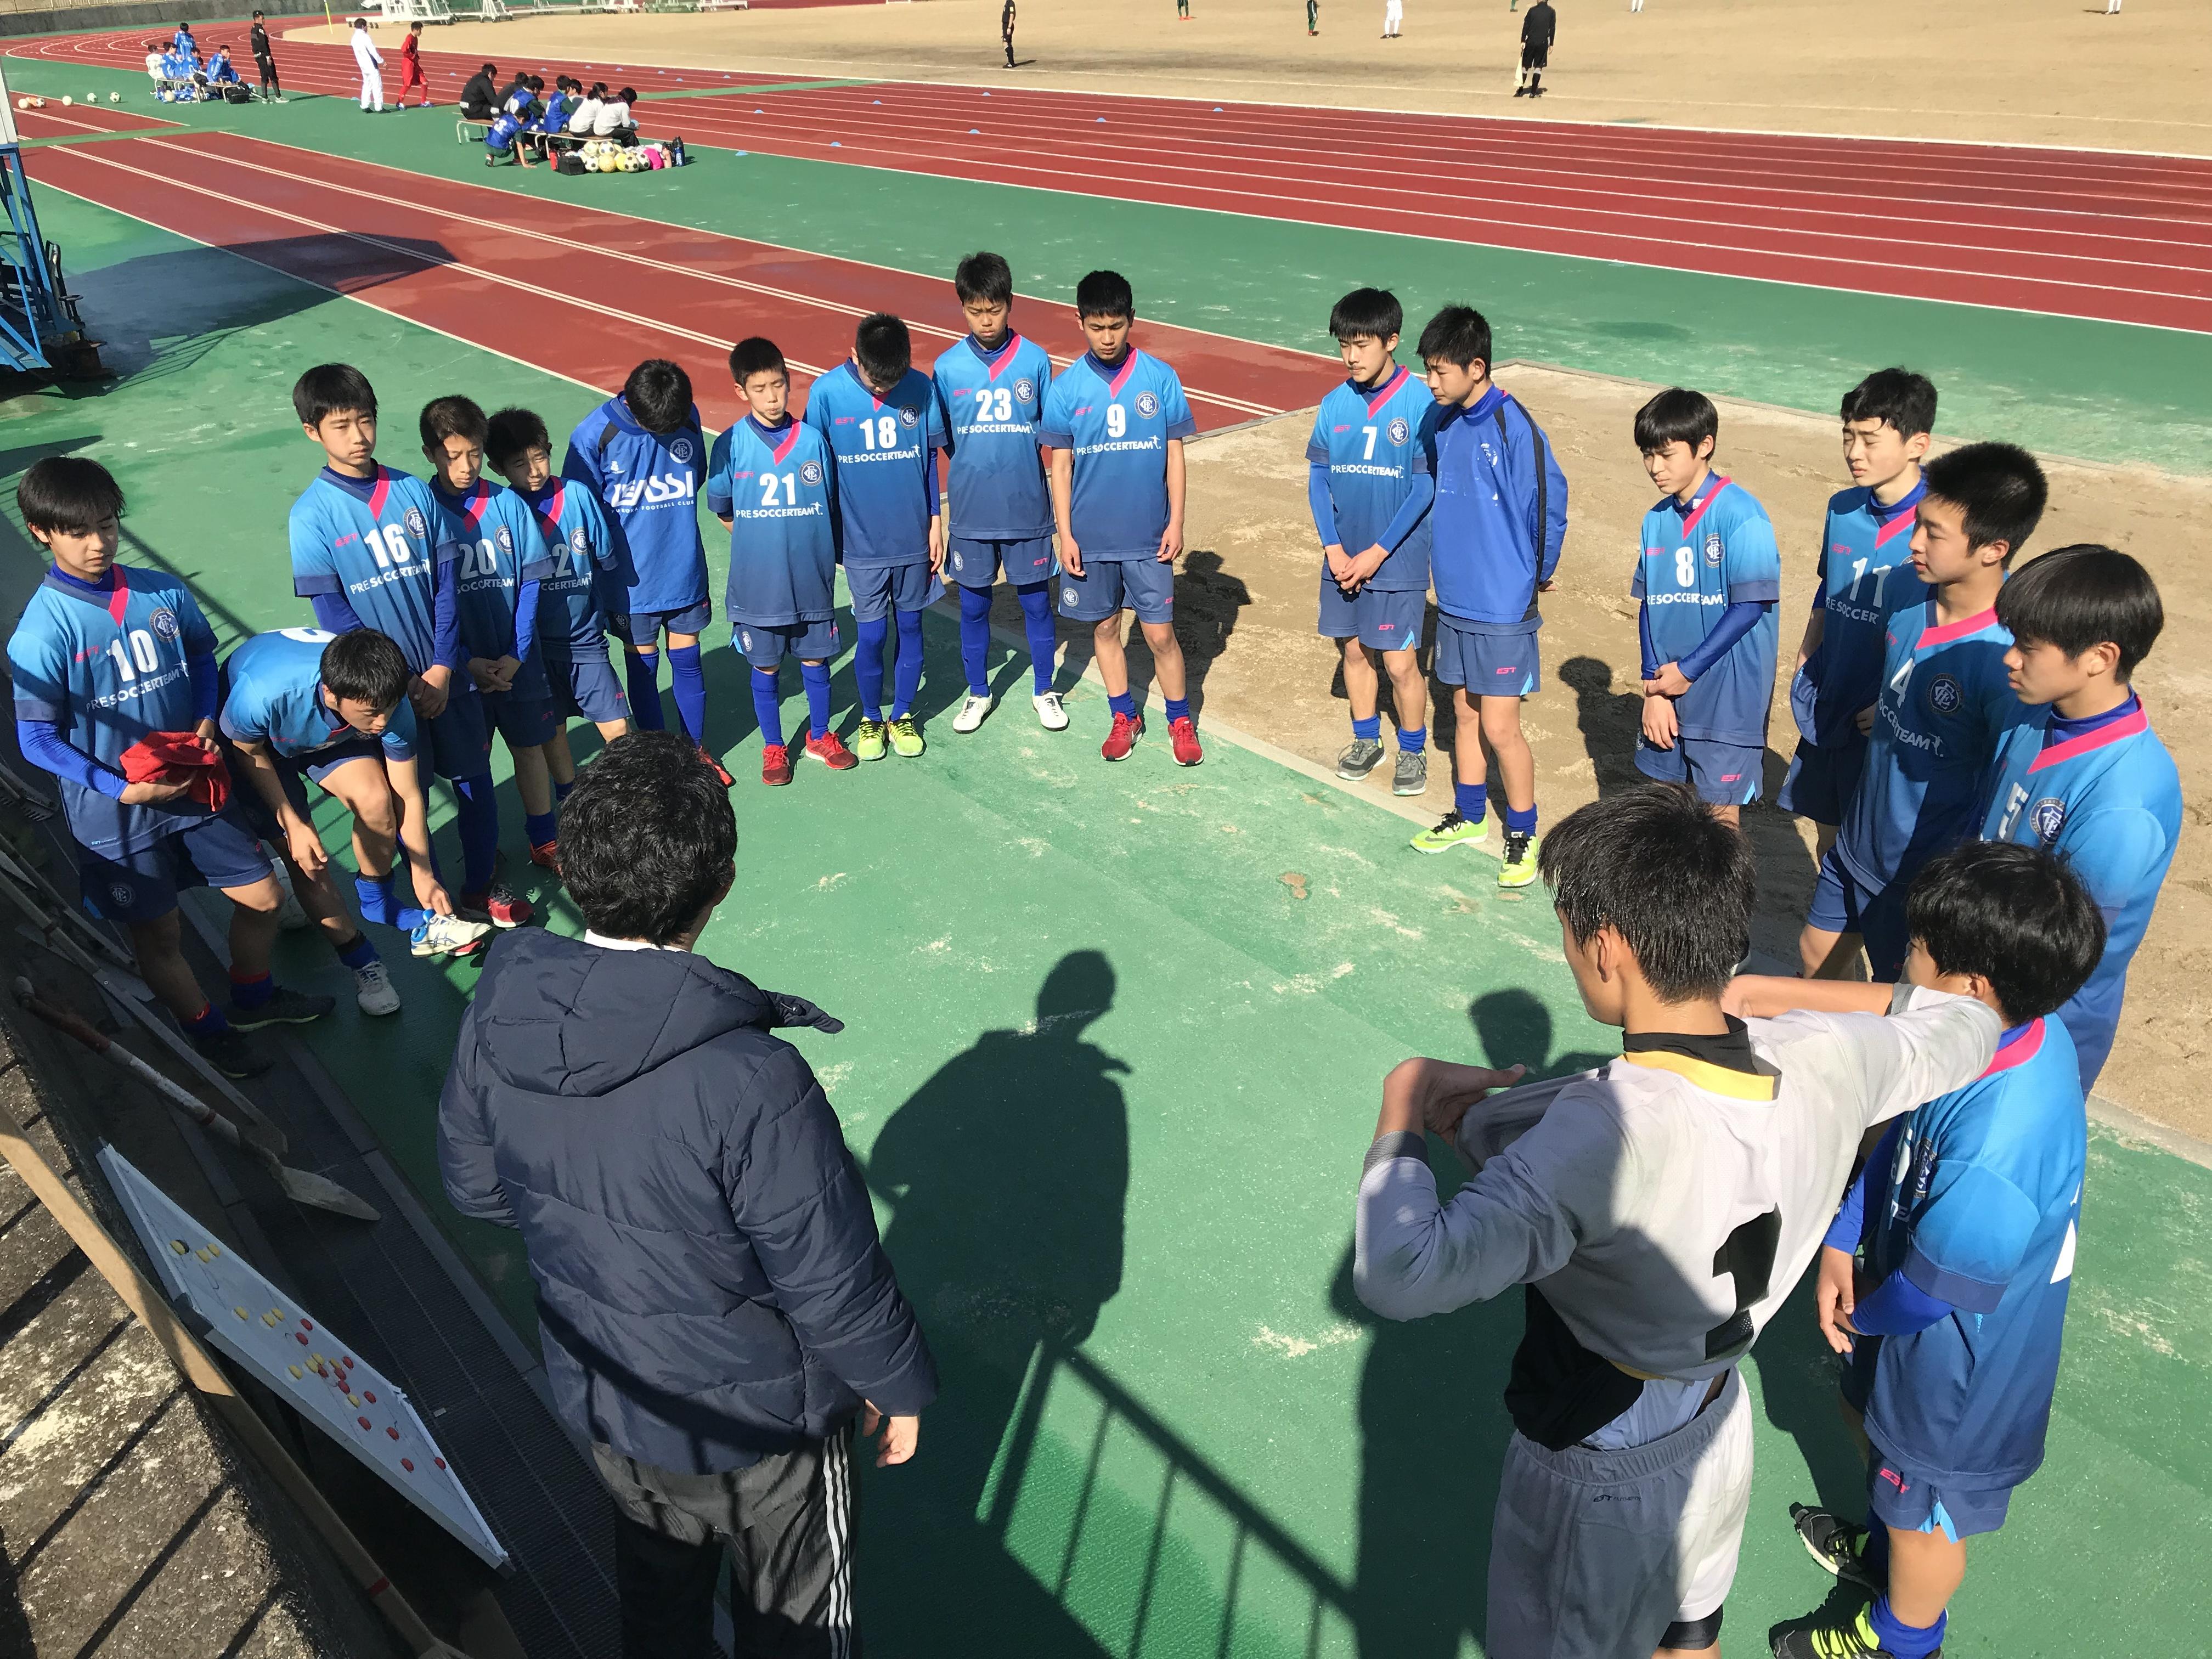 ジュニアユーストップ 福岡市長杯ベスト4 進出